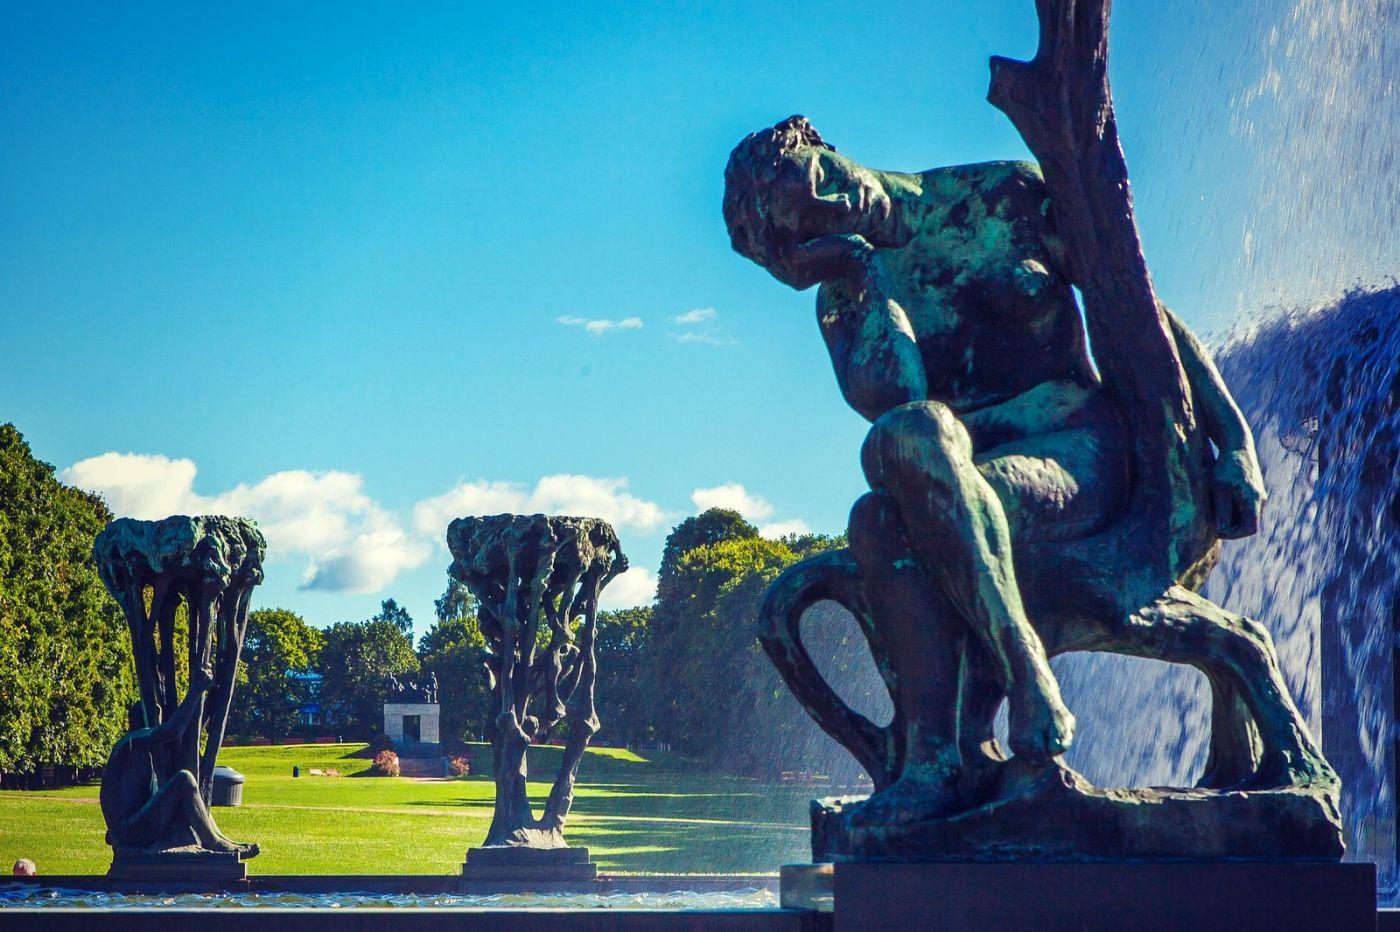 挪威维格兰雕塑公园,风格明显_图1-1